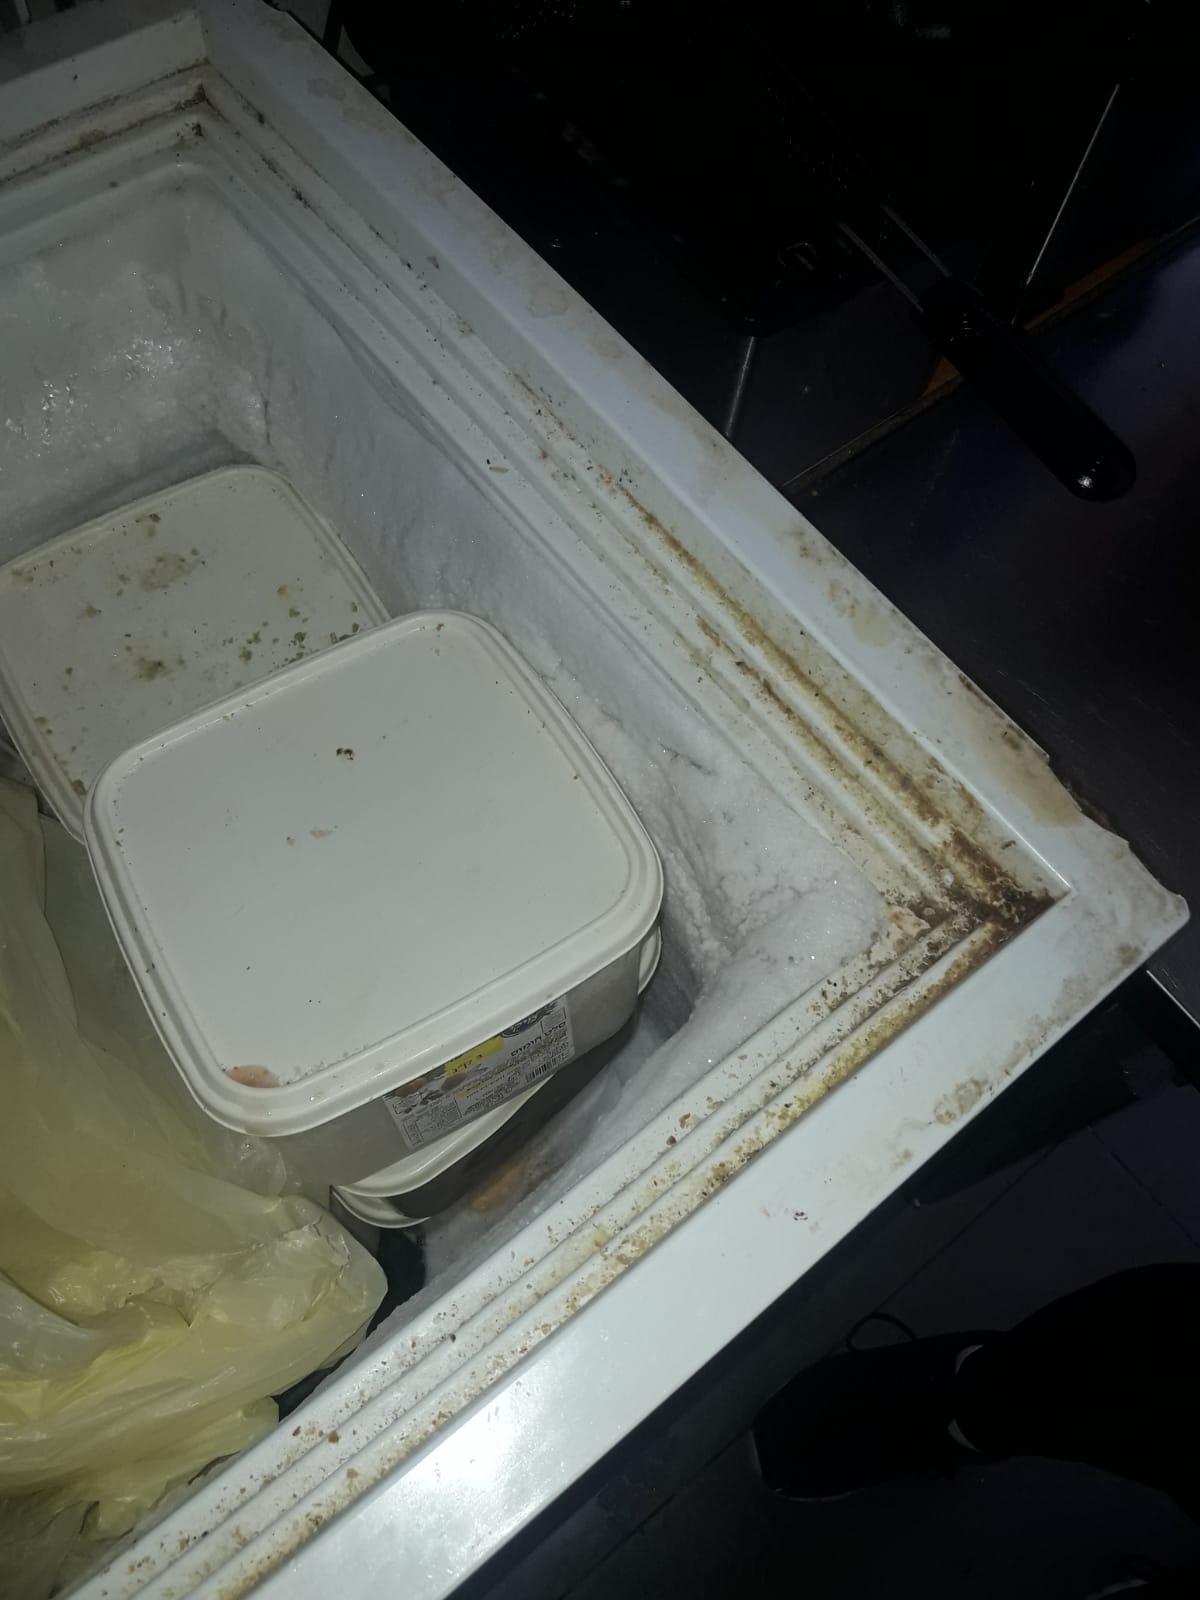 השמדת מוצרי בשר בקר בבית האוכל טעם משובח ברמת שלמה (צילום: דוברות משרד הבריאות)